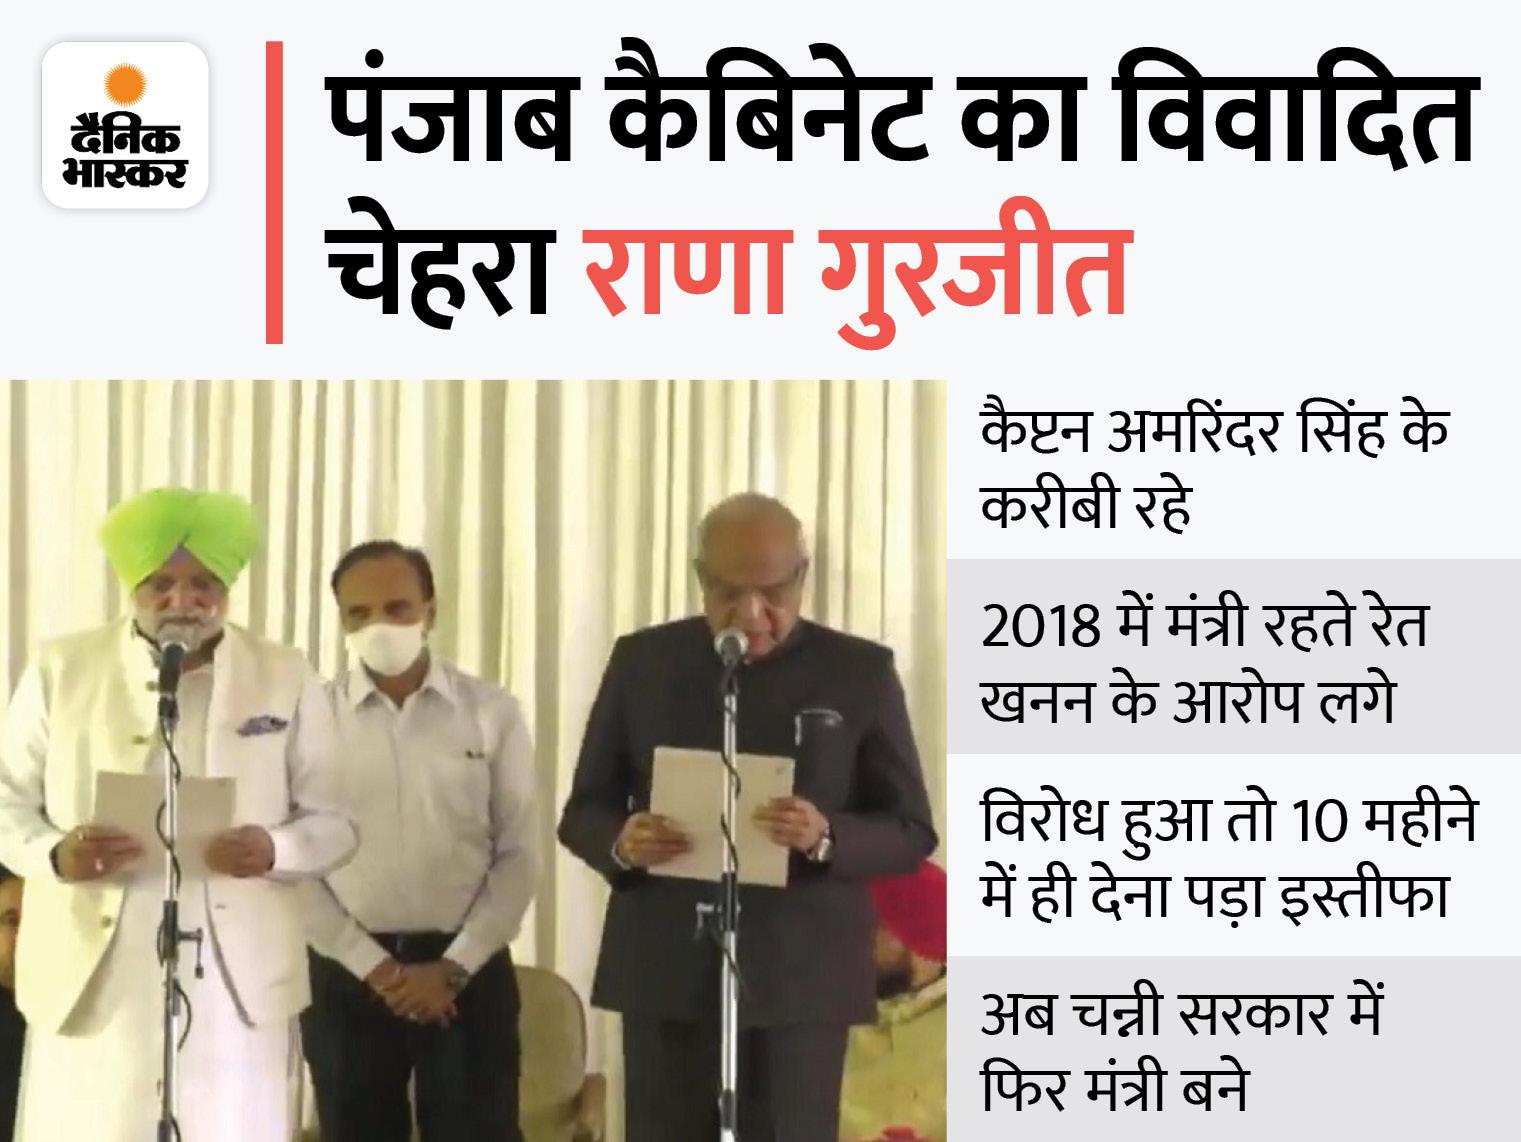 पहली बार मंत्री बने 6 विधायक, कैप्टन की सरकार में मंत्री रहे 9 पुराने चेहरे भी चन्नी की टीम में|जालंधर,Jalandhar - Dainik Bhaskar